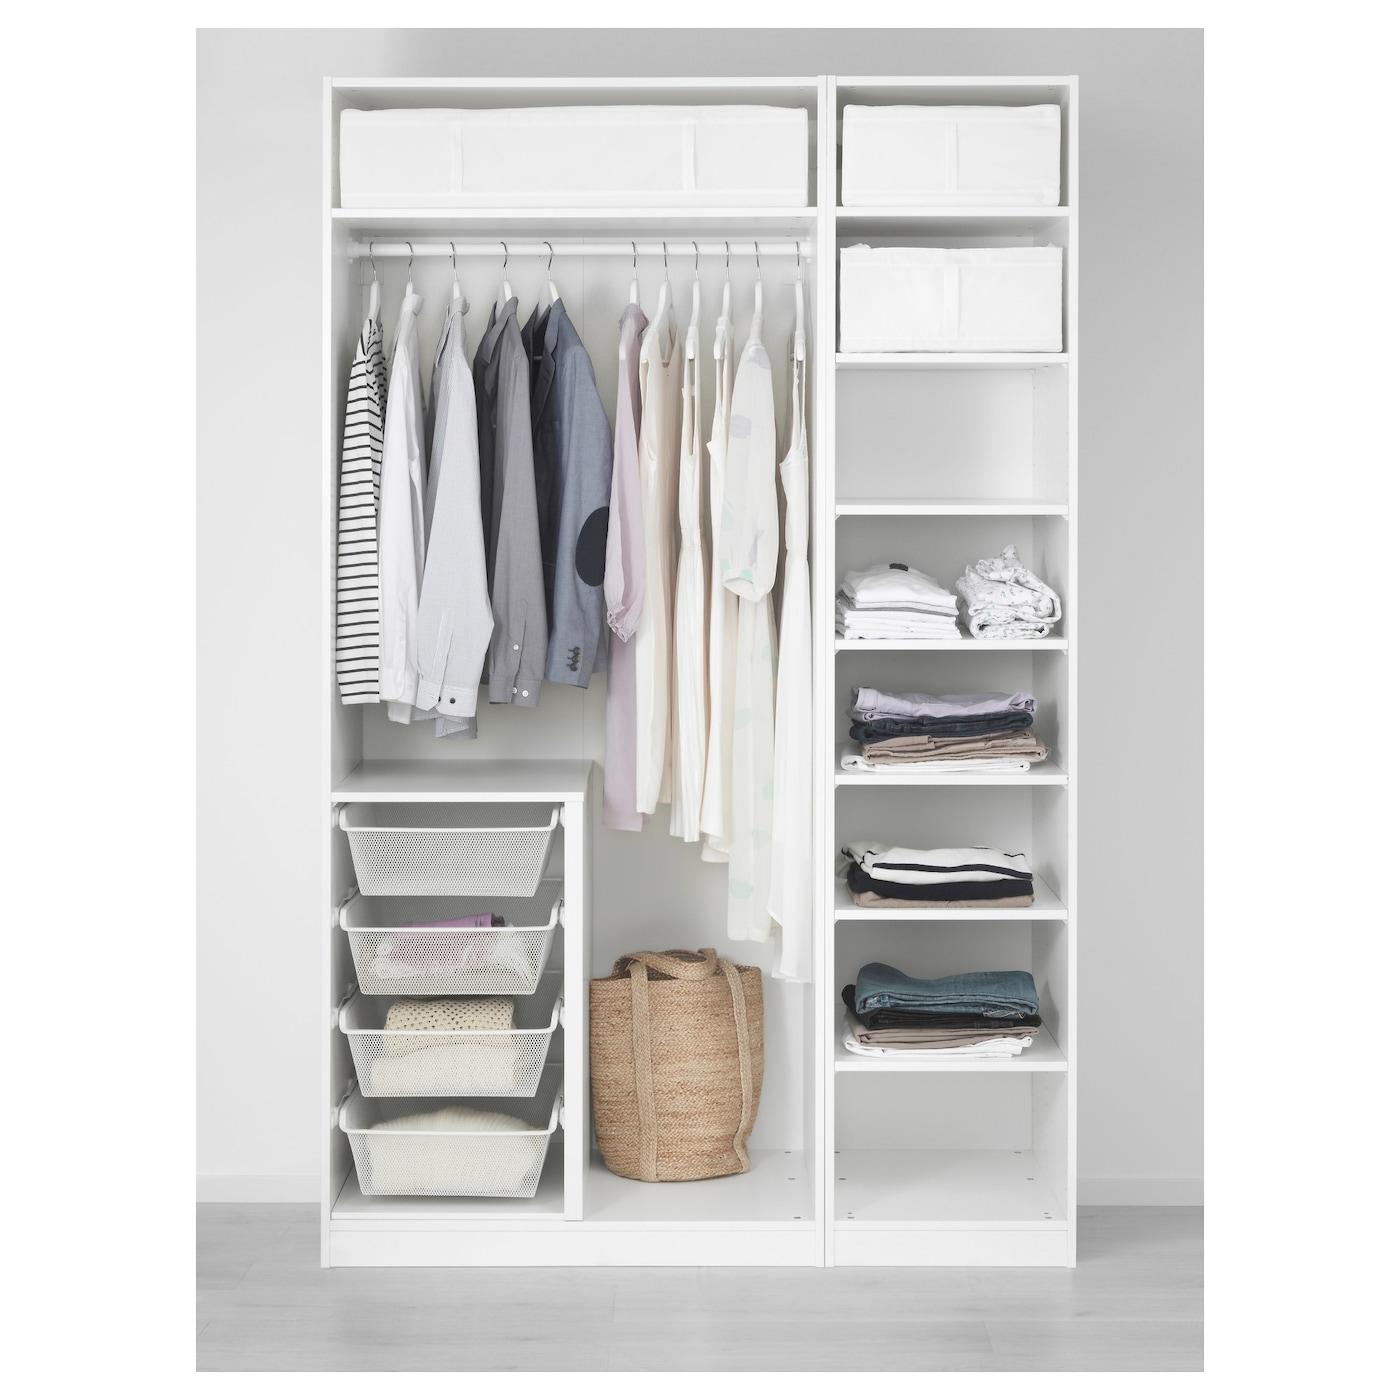 Kleiderschrank weiß mit spiegel ikea  Schwebetürenschrank Ikea Pax | gispatcher.com